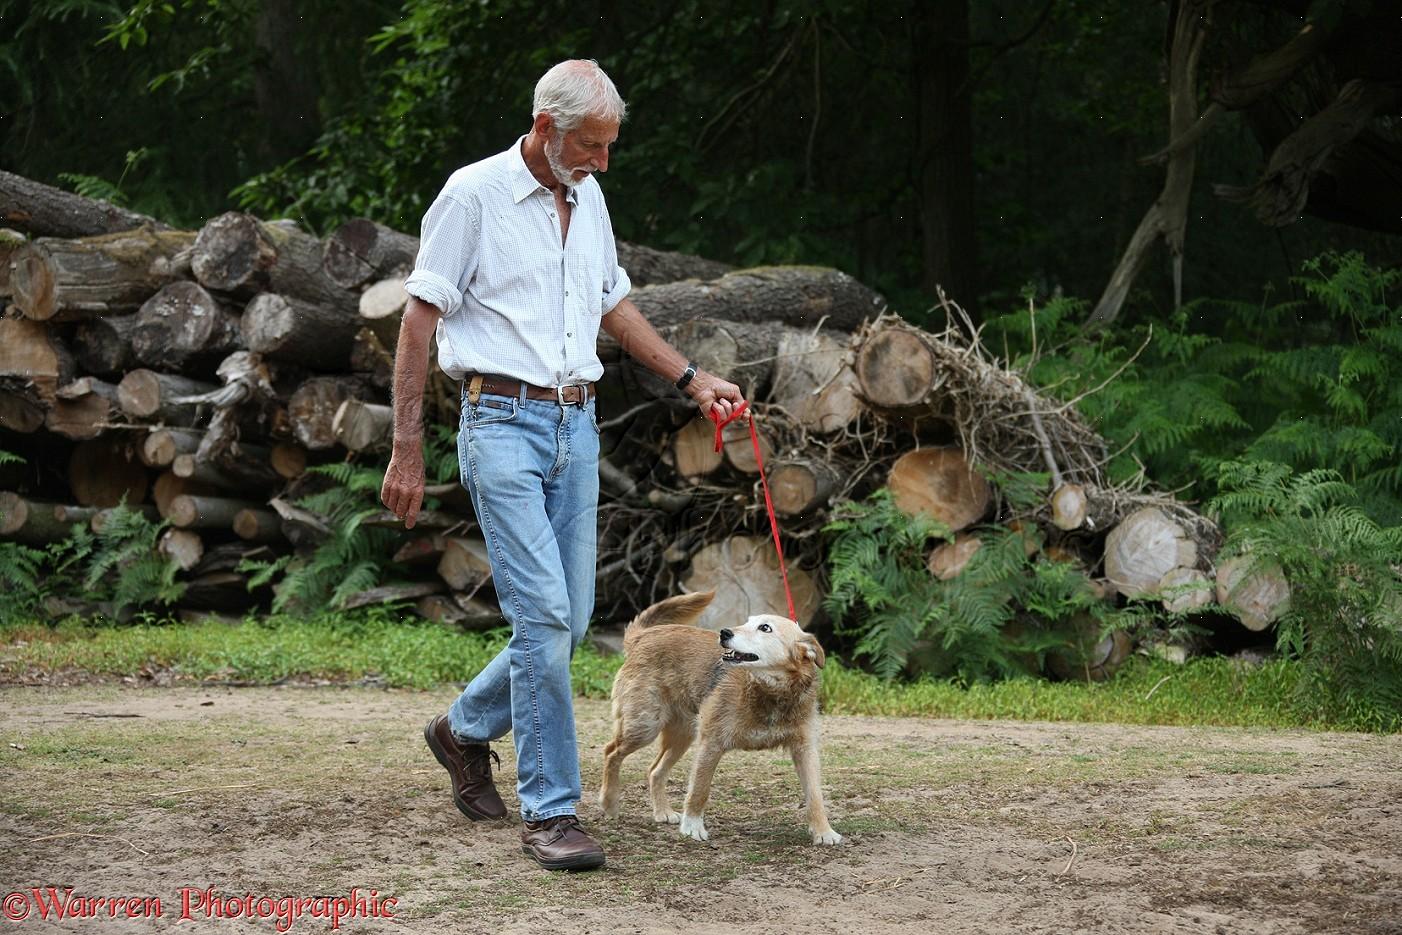 Man walking an older dog